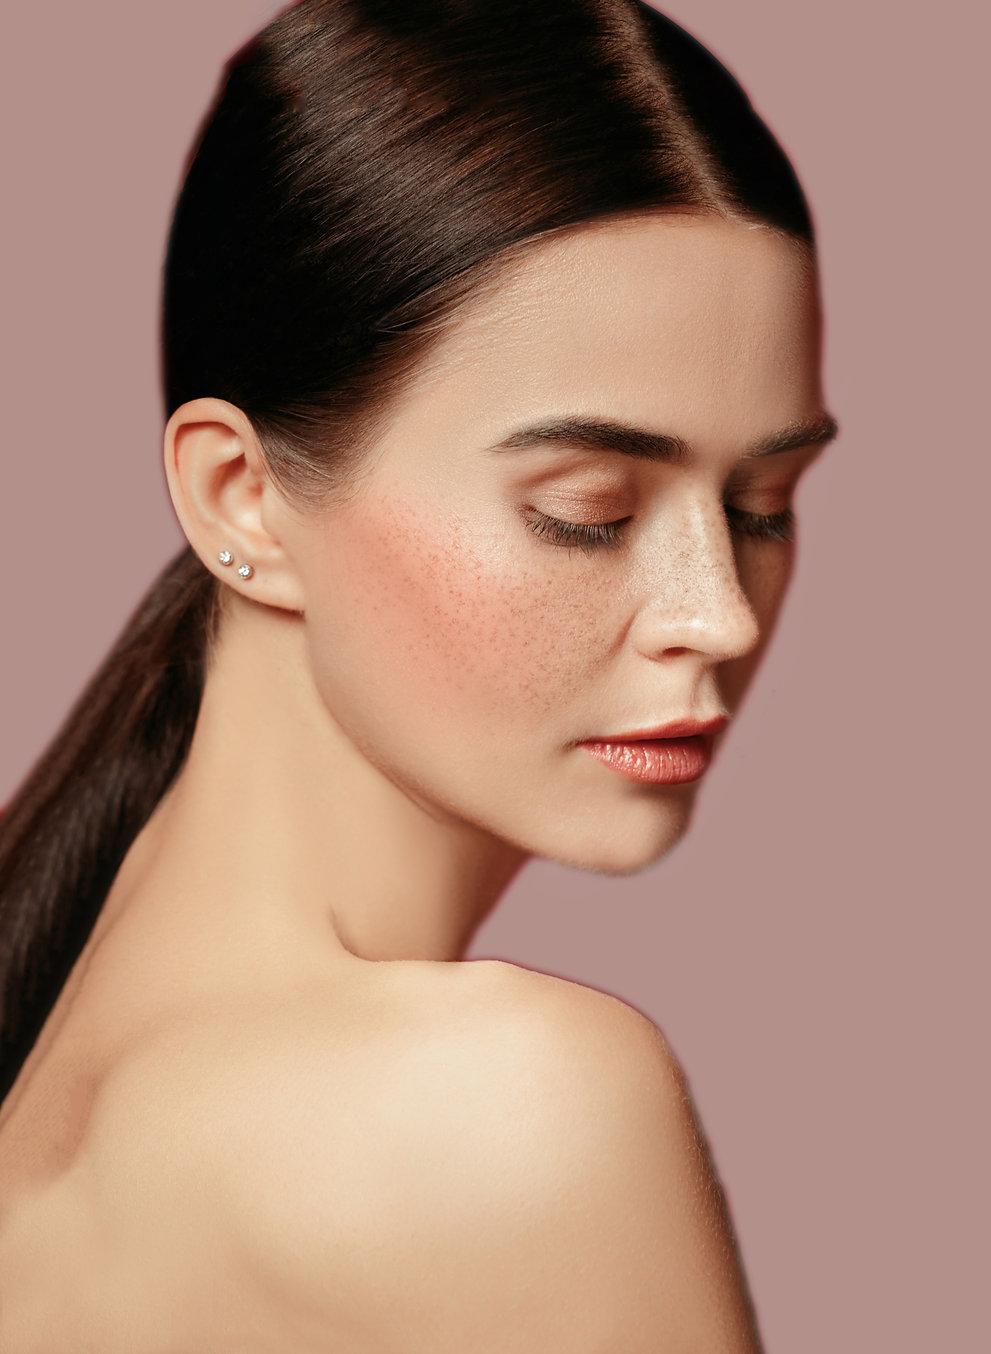 beautiful-female-face-perfect-clean-skin